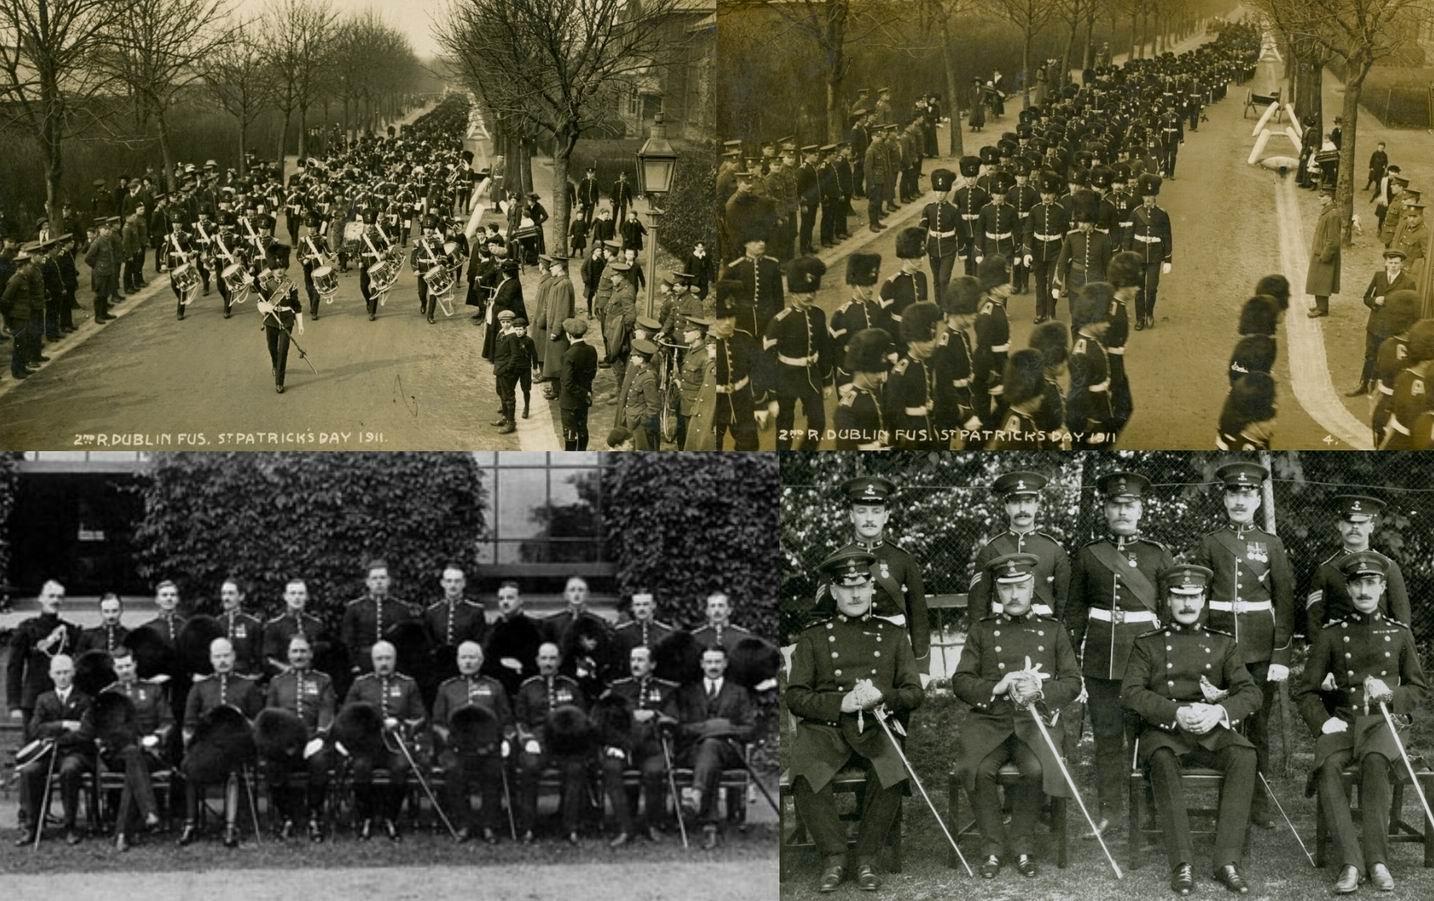 Королевские Дублинские фузилеры. Подполковник Мейнуоринг сидит в центре на фотографии внизу слева.